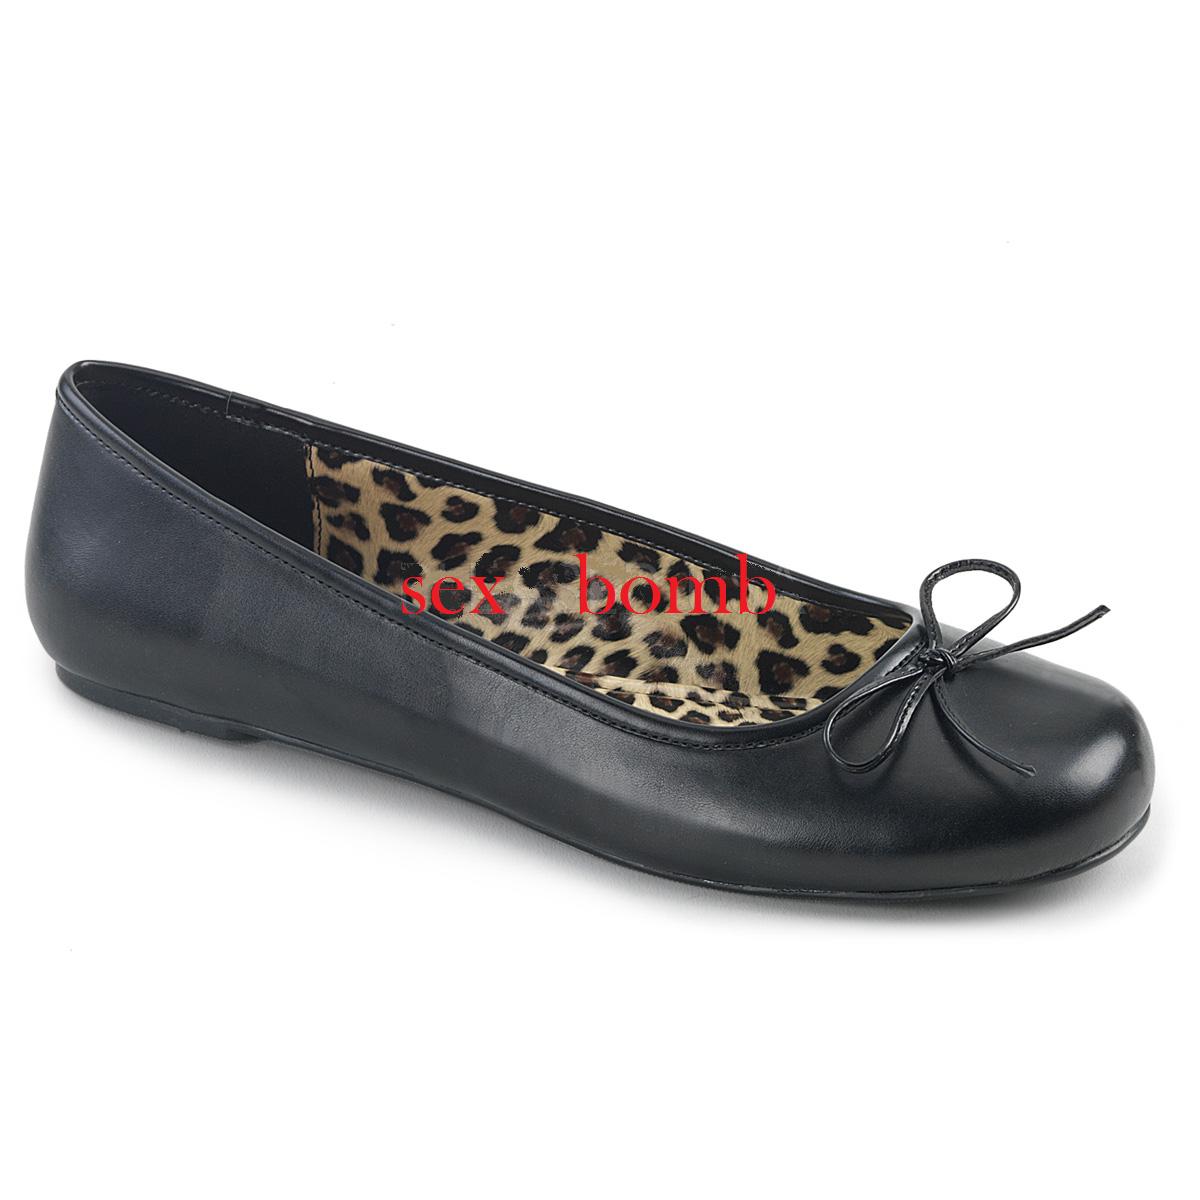 Sexy BALLERINE NERO dal 39 al 46 NERO BALLERINE OPACO fiocchetto tacco flat scarpe GLAMOUR f09615